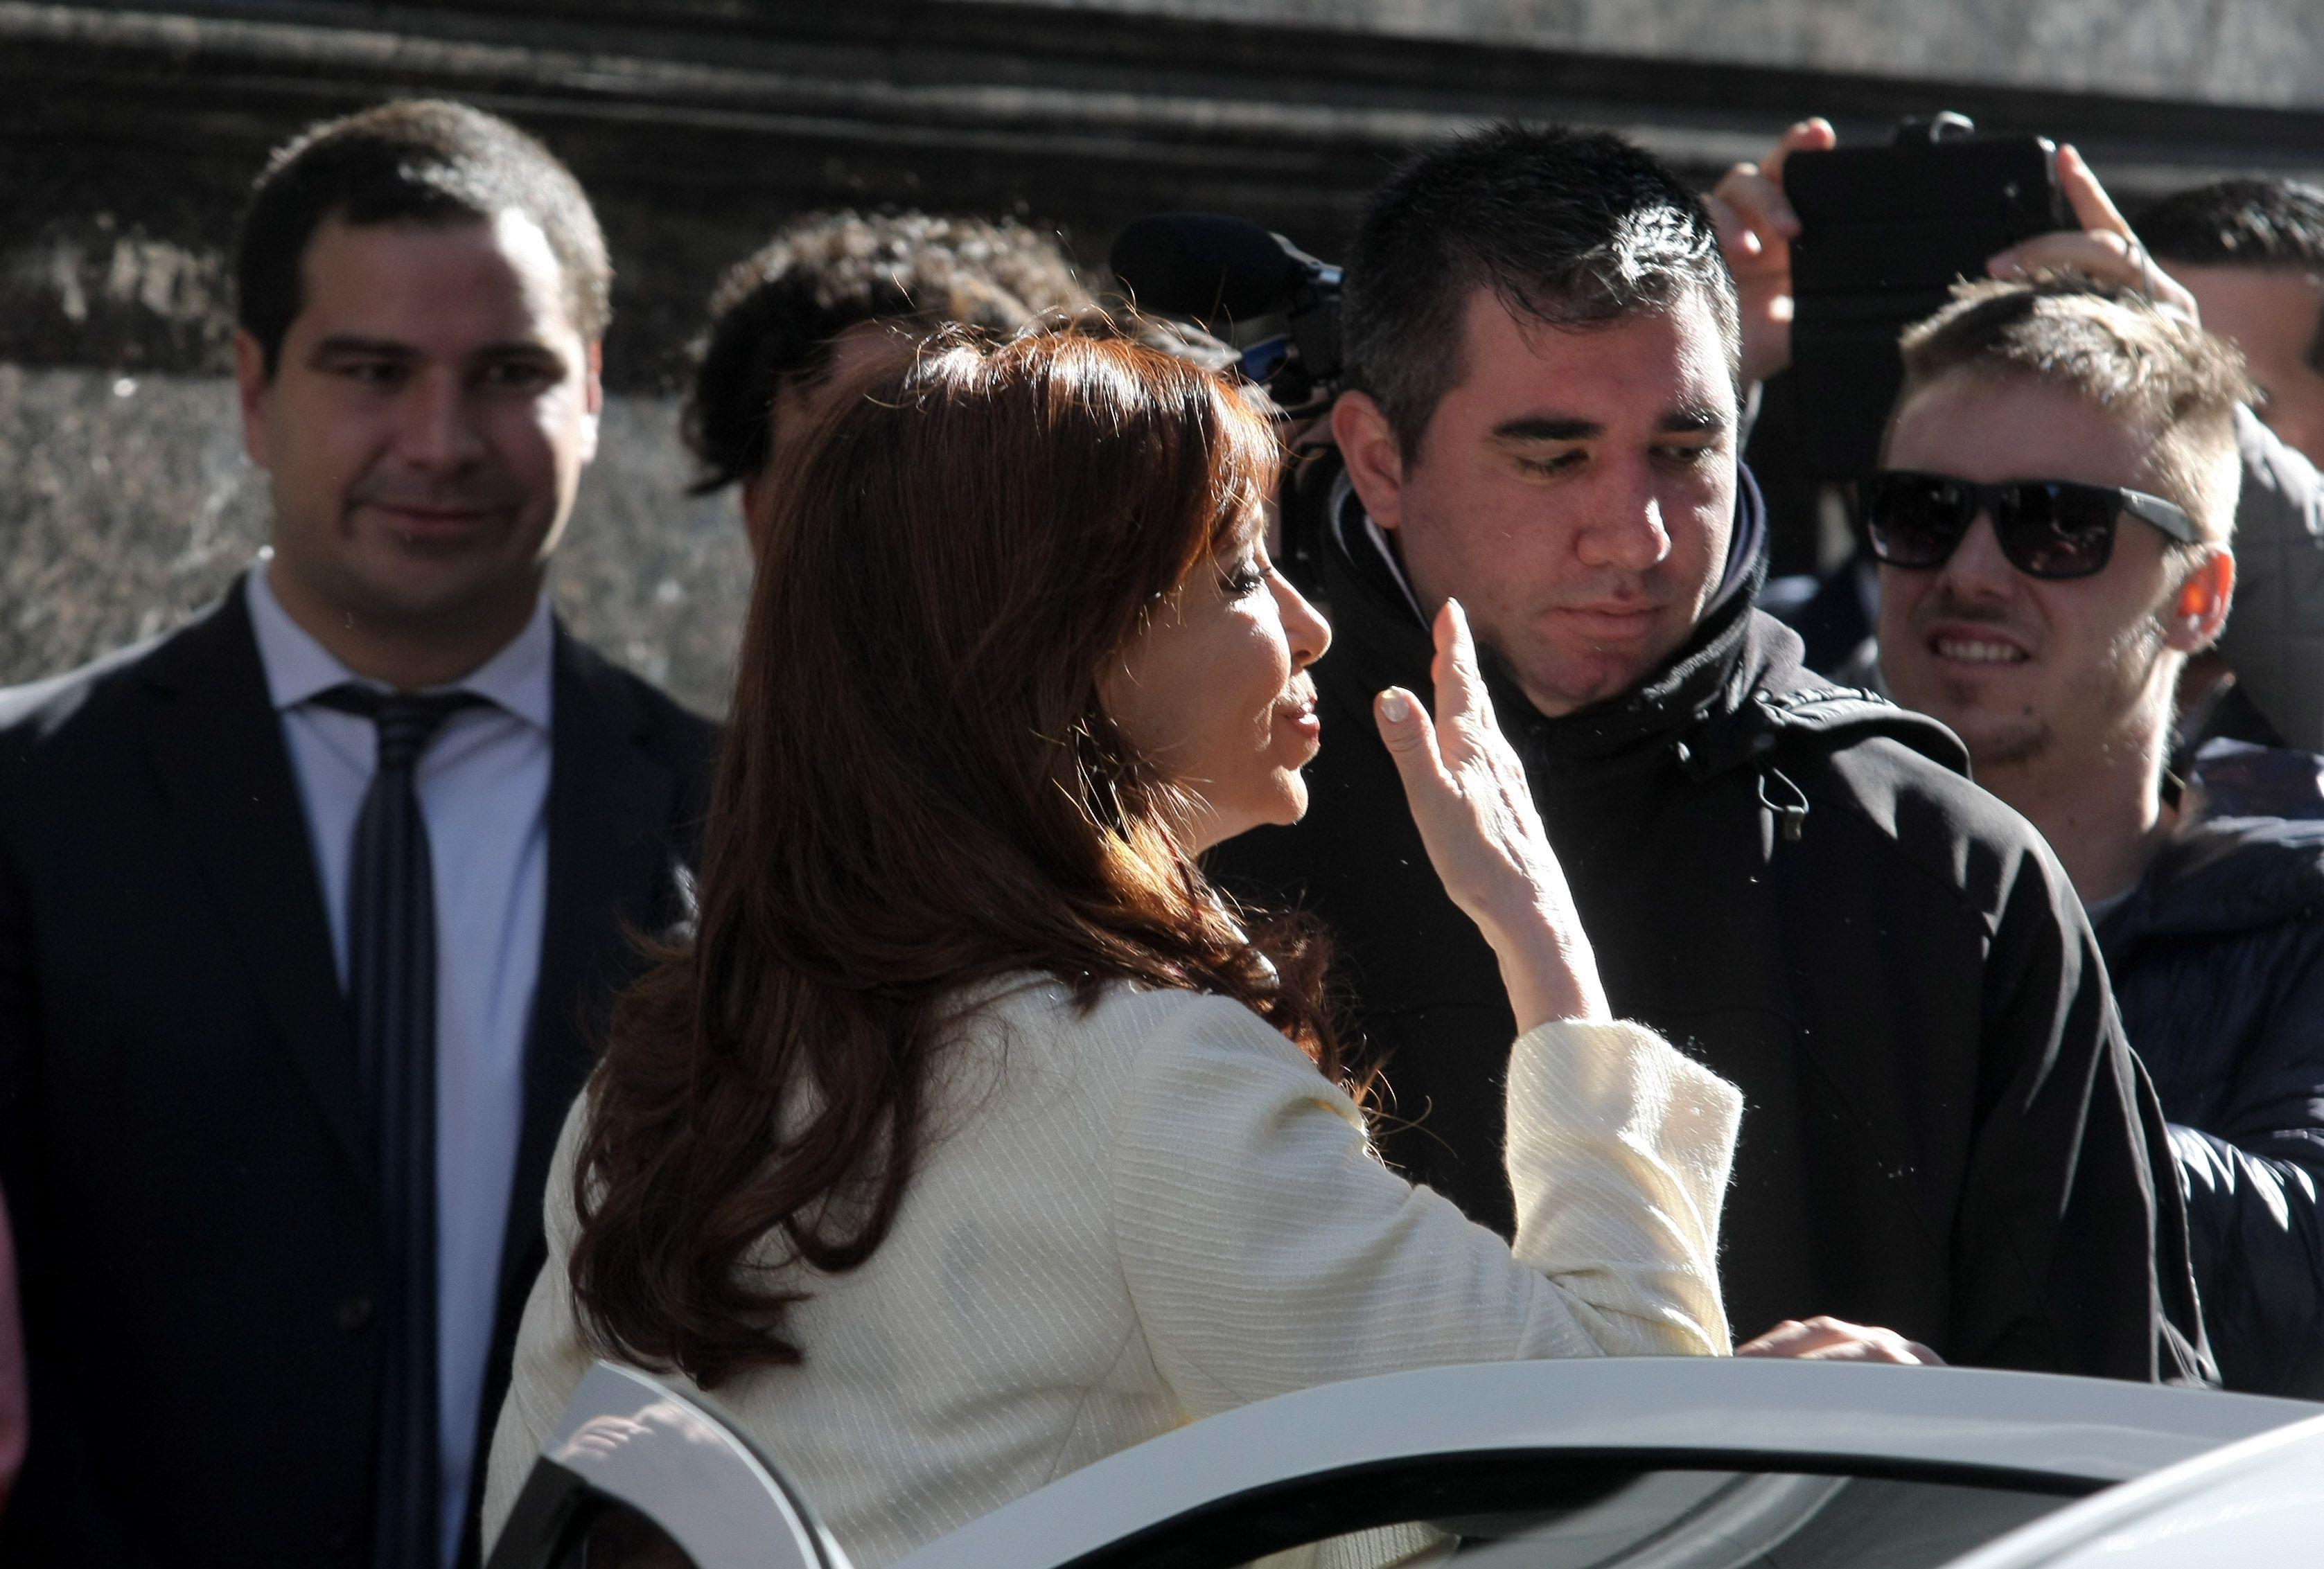 El desconsolado llanto de una florista a Cristina Kirchner